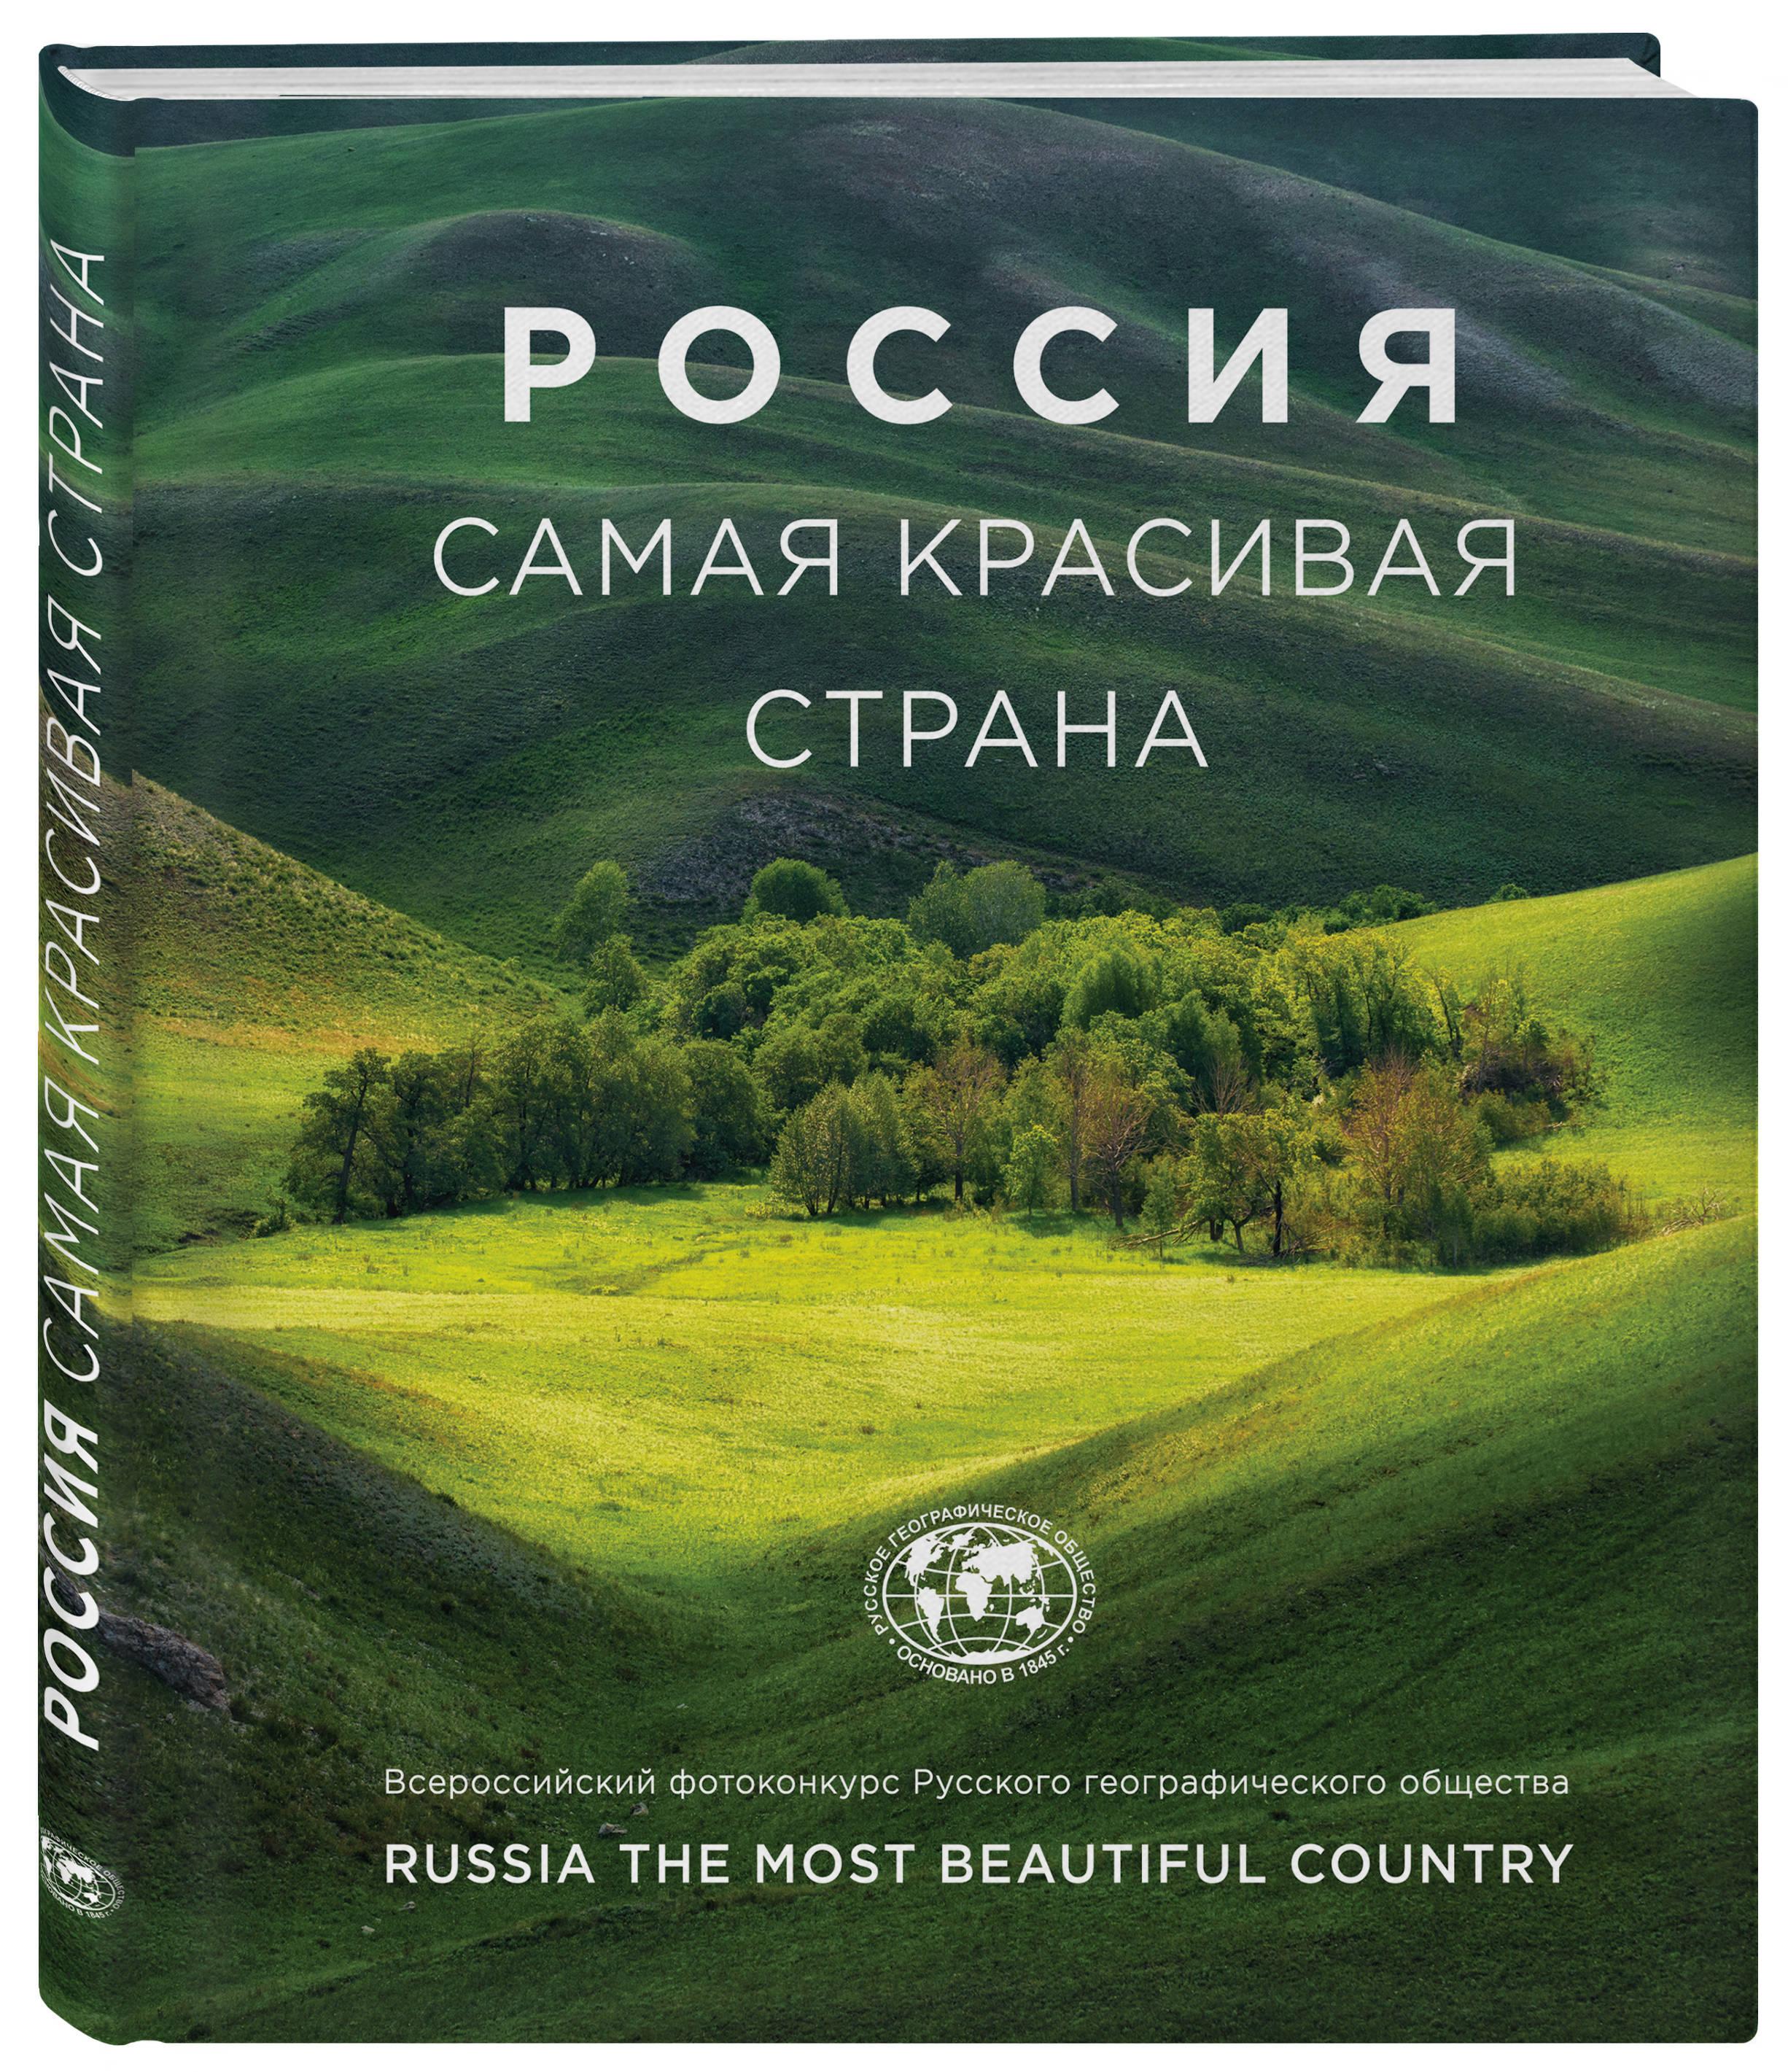 Россия самая красивая страна (фотоальбом) а и воейков засуха 1885 года по сведениям полученным императорским русским географическим обществом